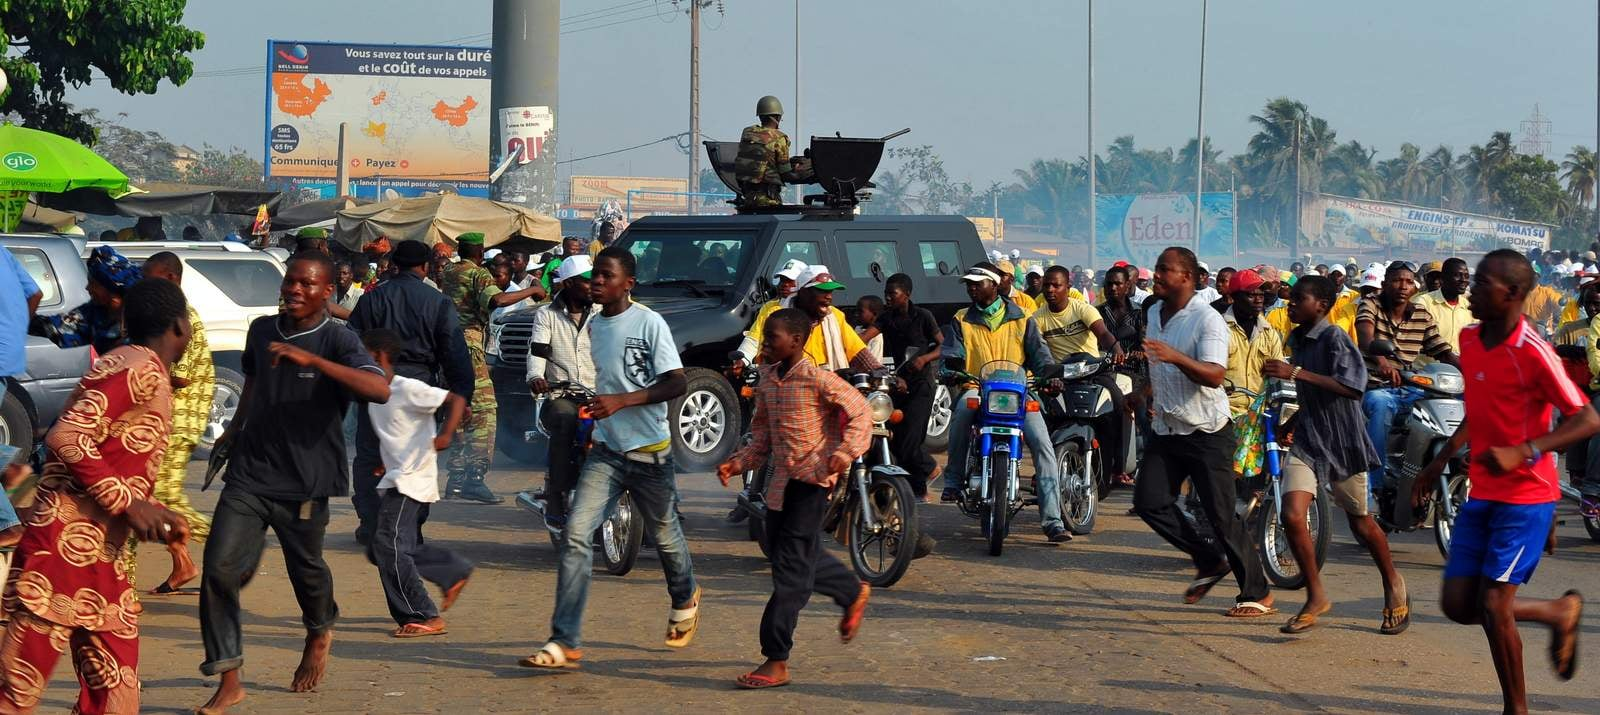 Mouvement de foule aux abords du stade